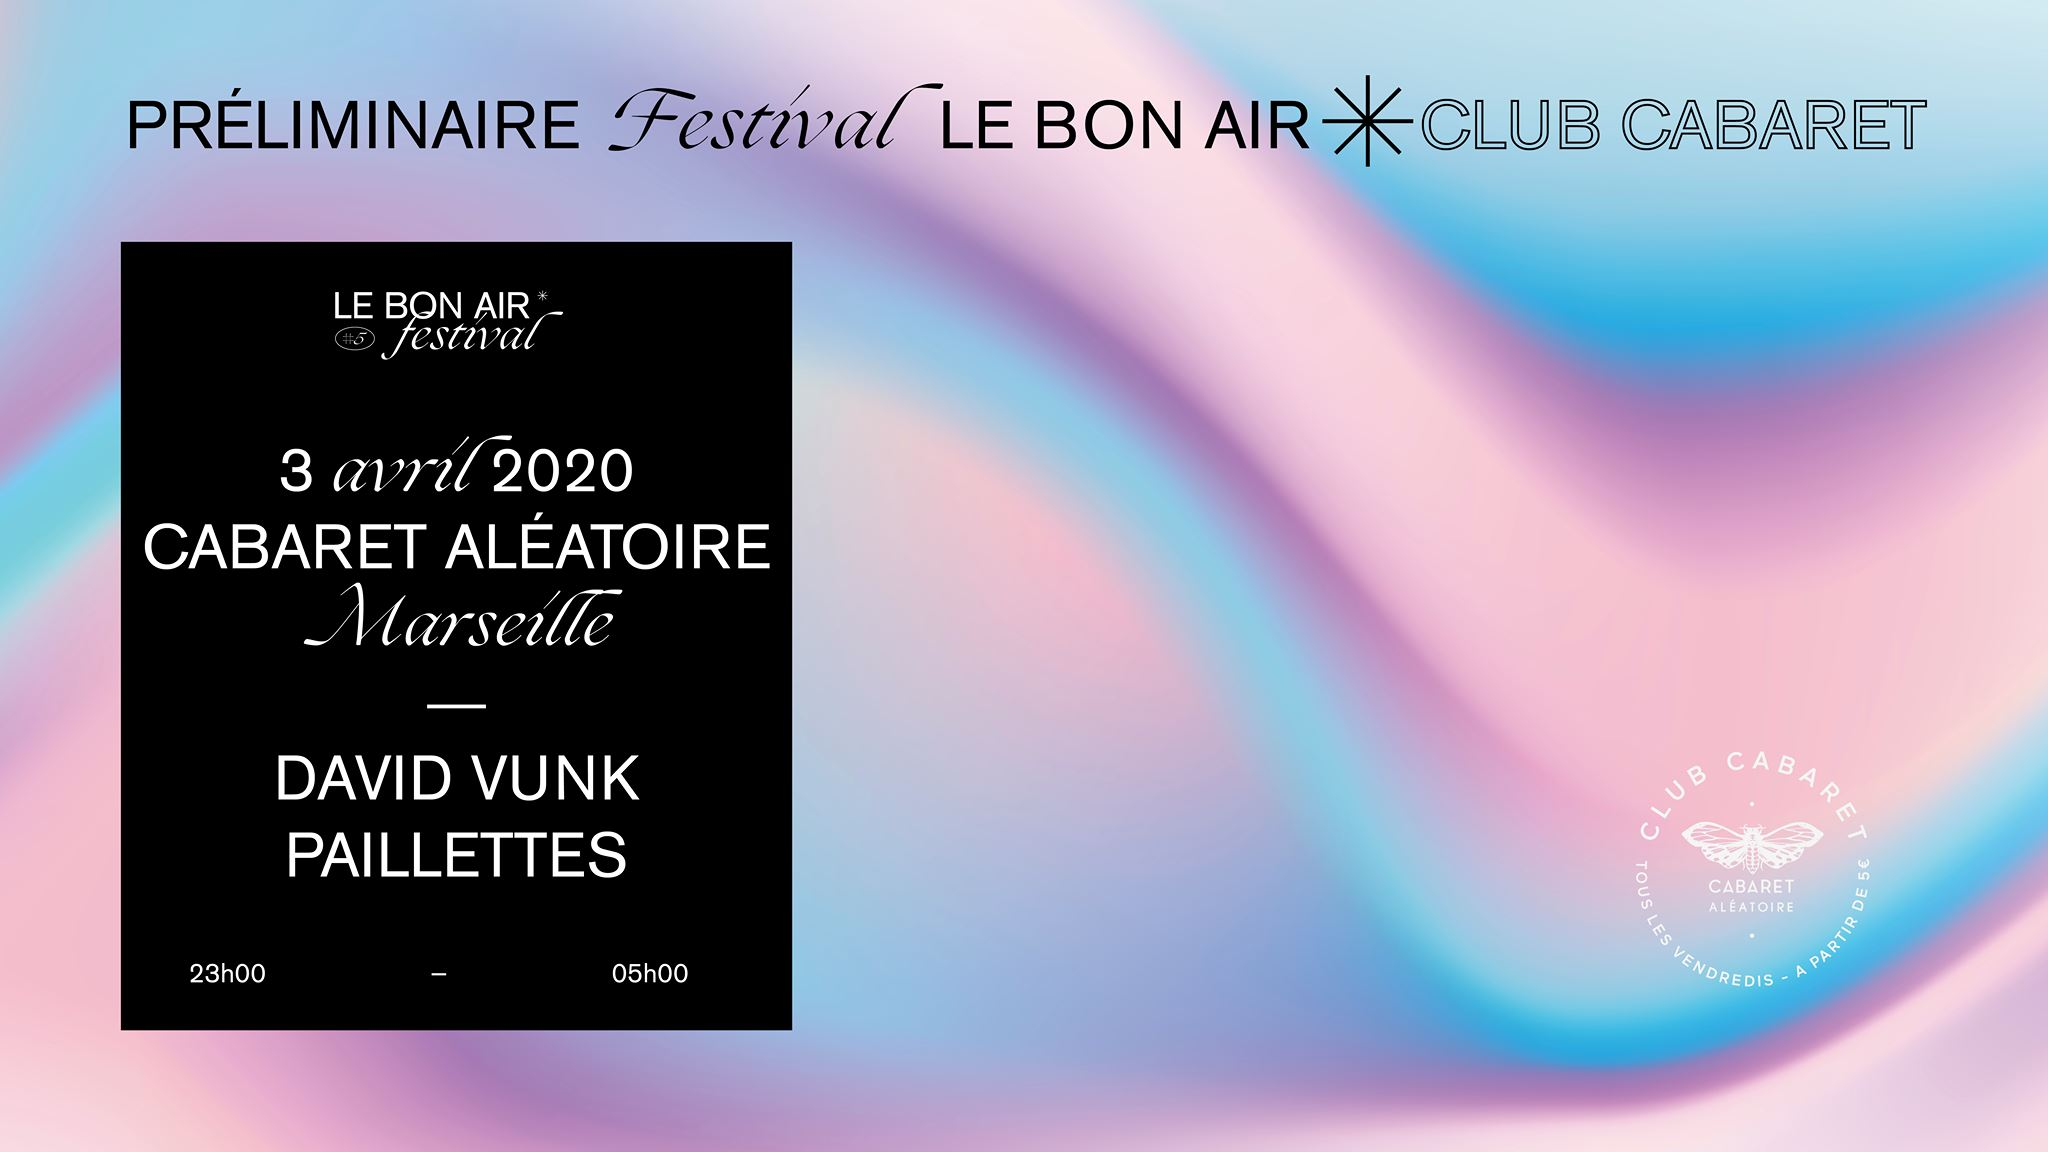 CLUB CABARET X Préliminaire Festival Le Bon Air :  DAVID VUNK